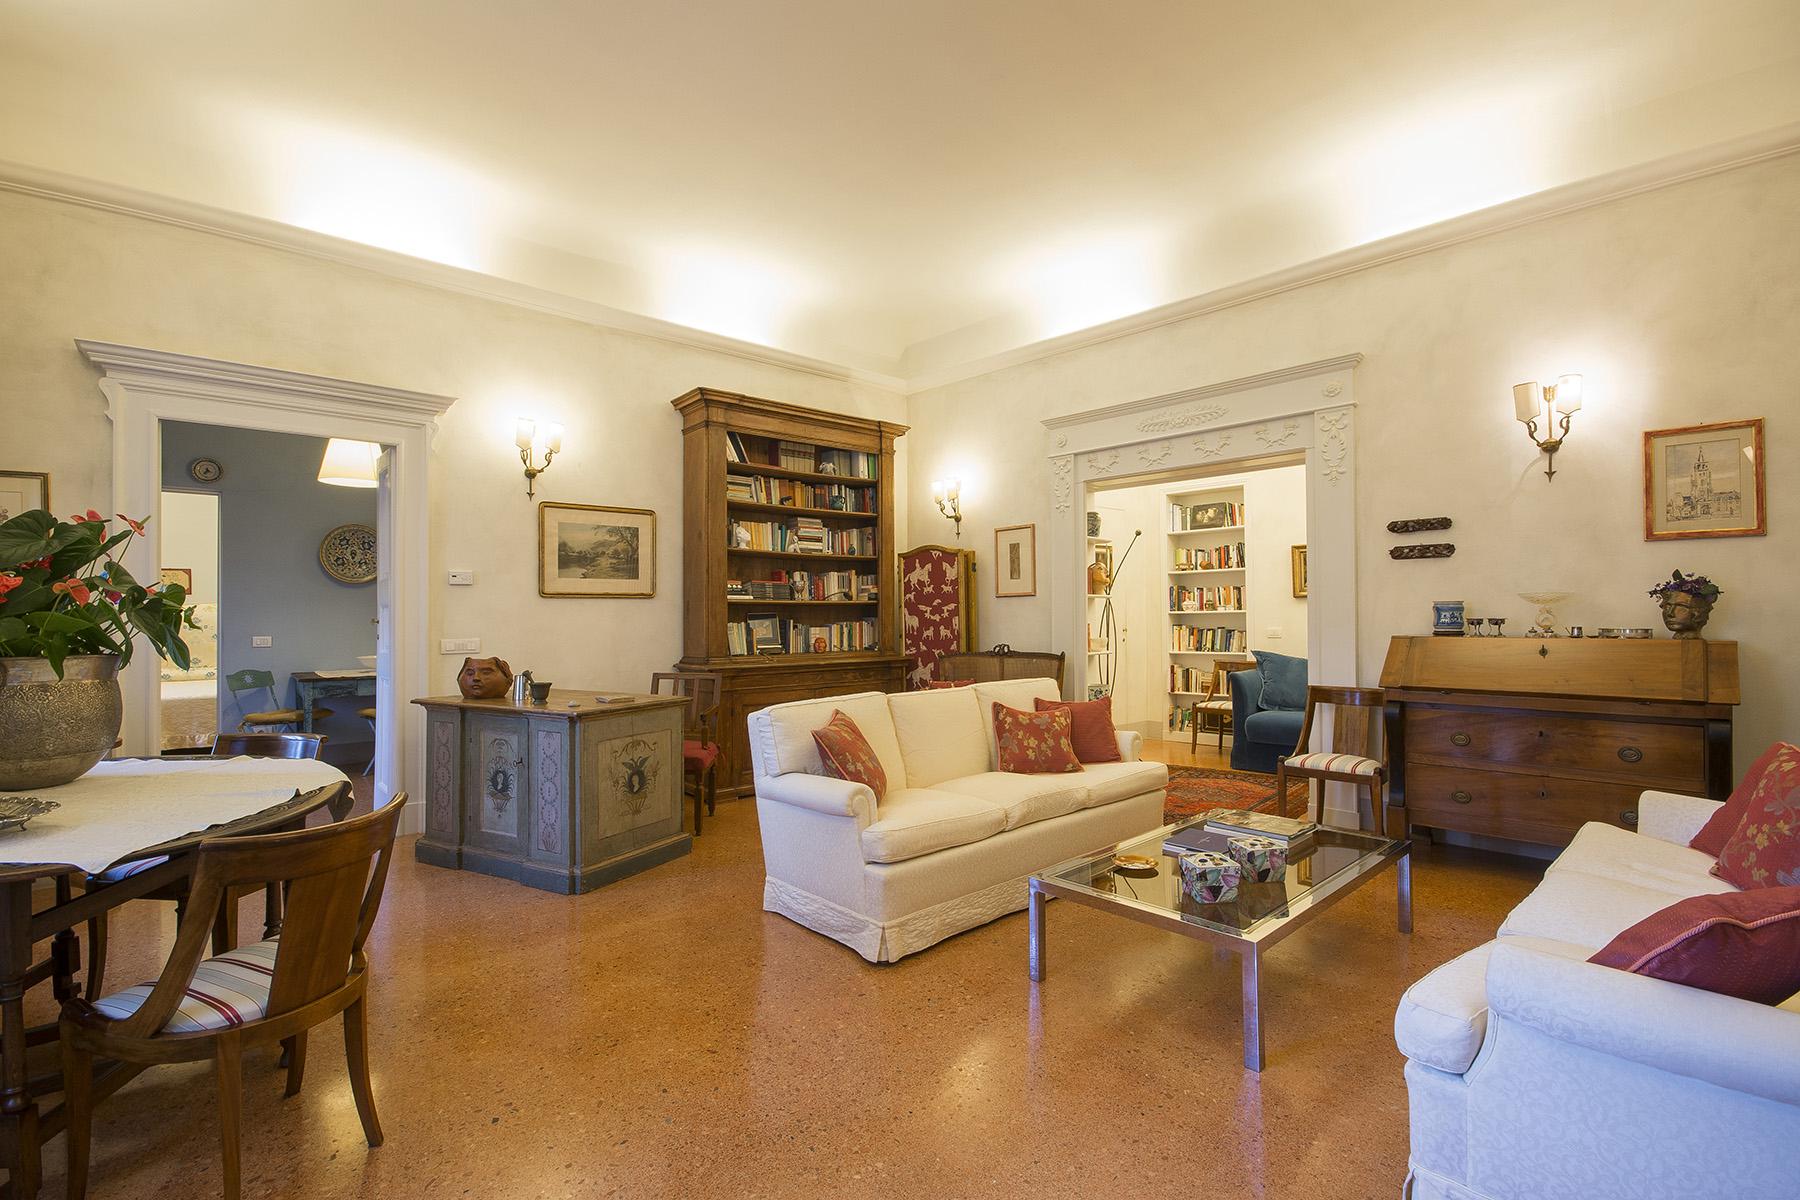 Appartamento in Vendita a Lucca: 5 locali, 86 mq - Foto 2